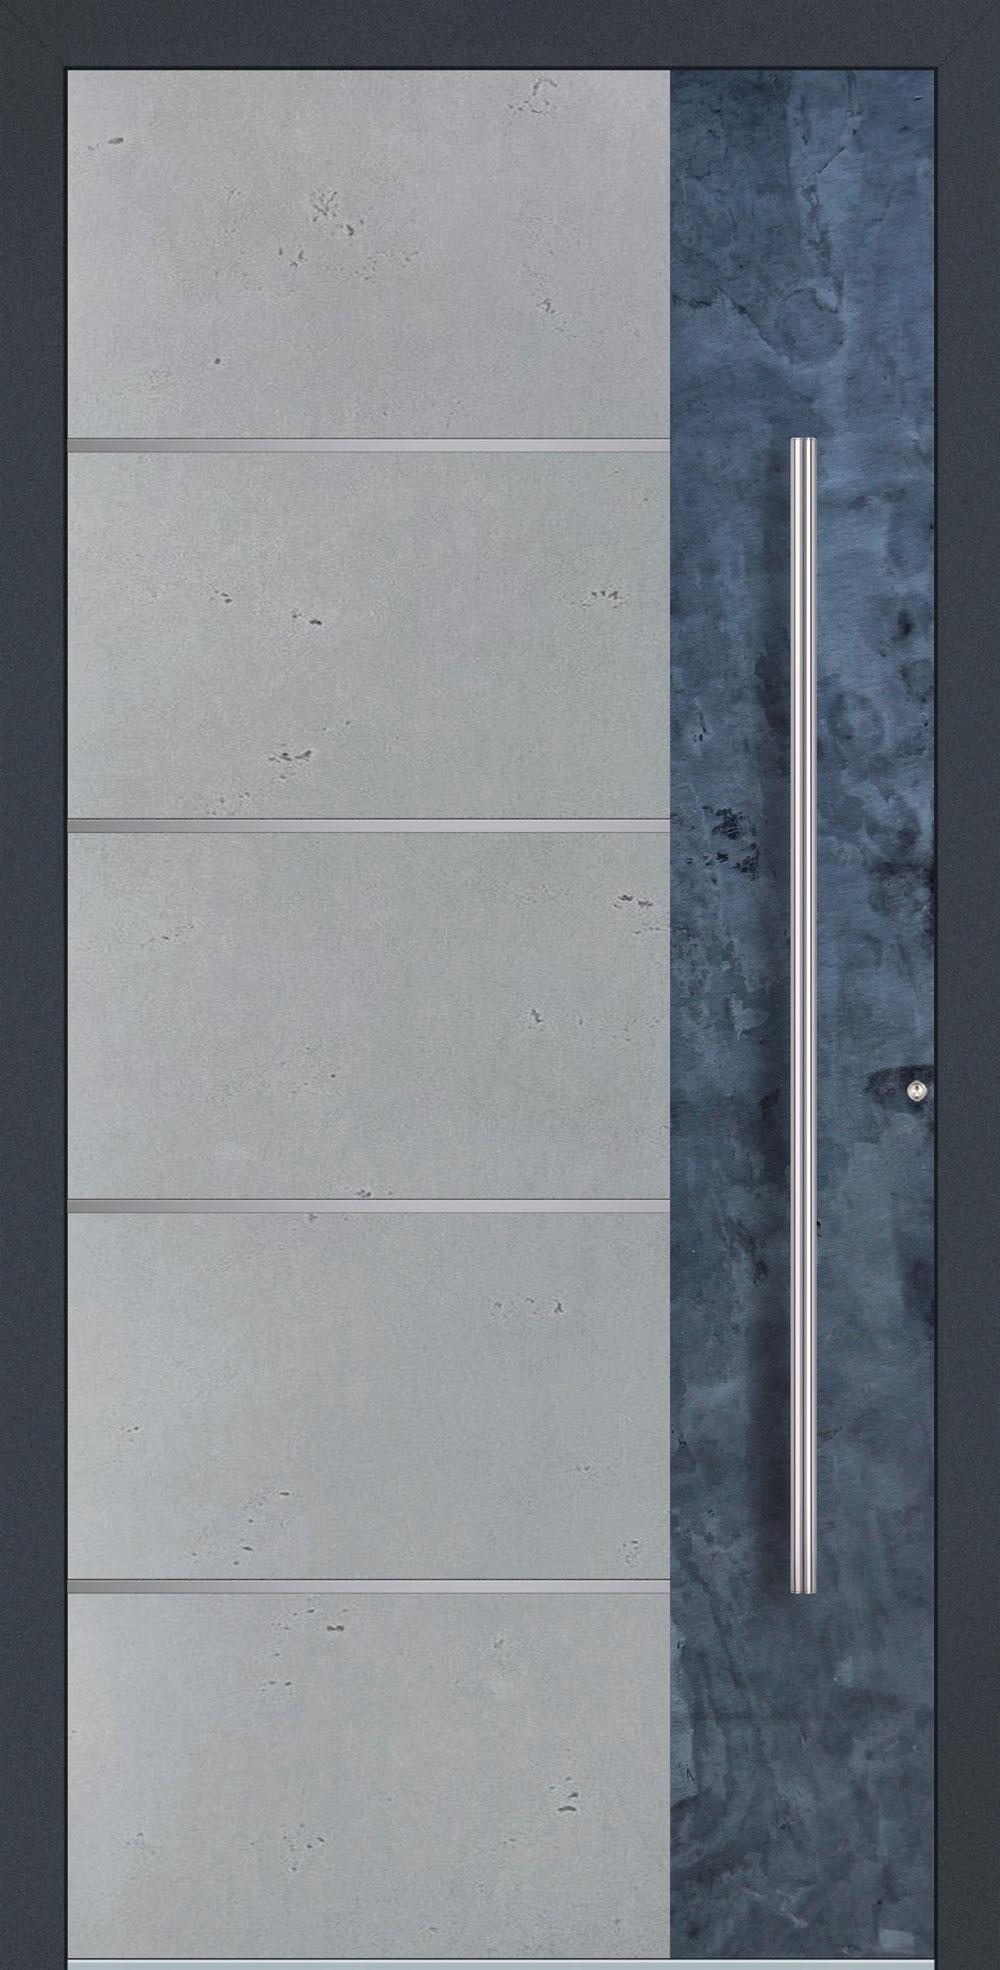 BES01 komplett geschlossen Betonoptik Vintage mit Echtschiefer- Applikation & Streifen in Edelstahl-Optik einseitig außen Anwendungsbeispiel in flügelüberdeckend, Edelstahlgriff 1200 ES